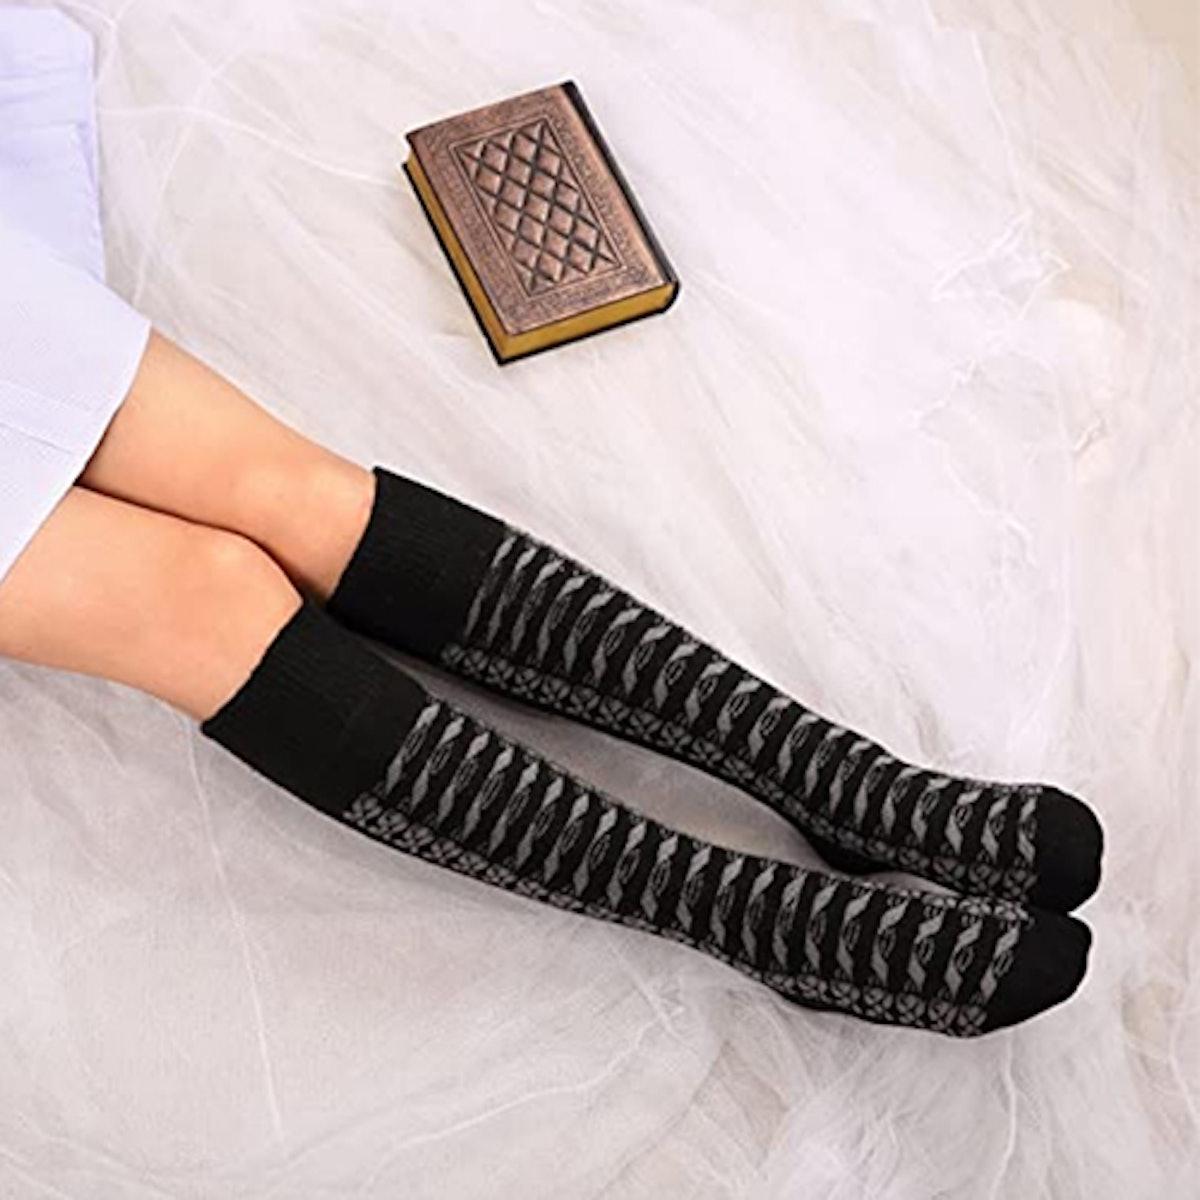 DoSmart Knee High Boot Socks (2-Pack)